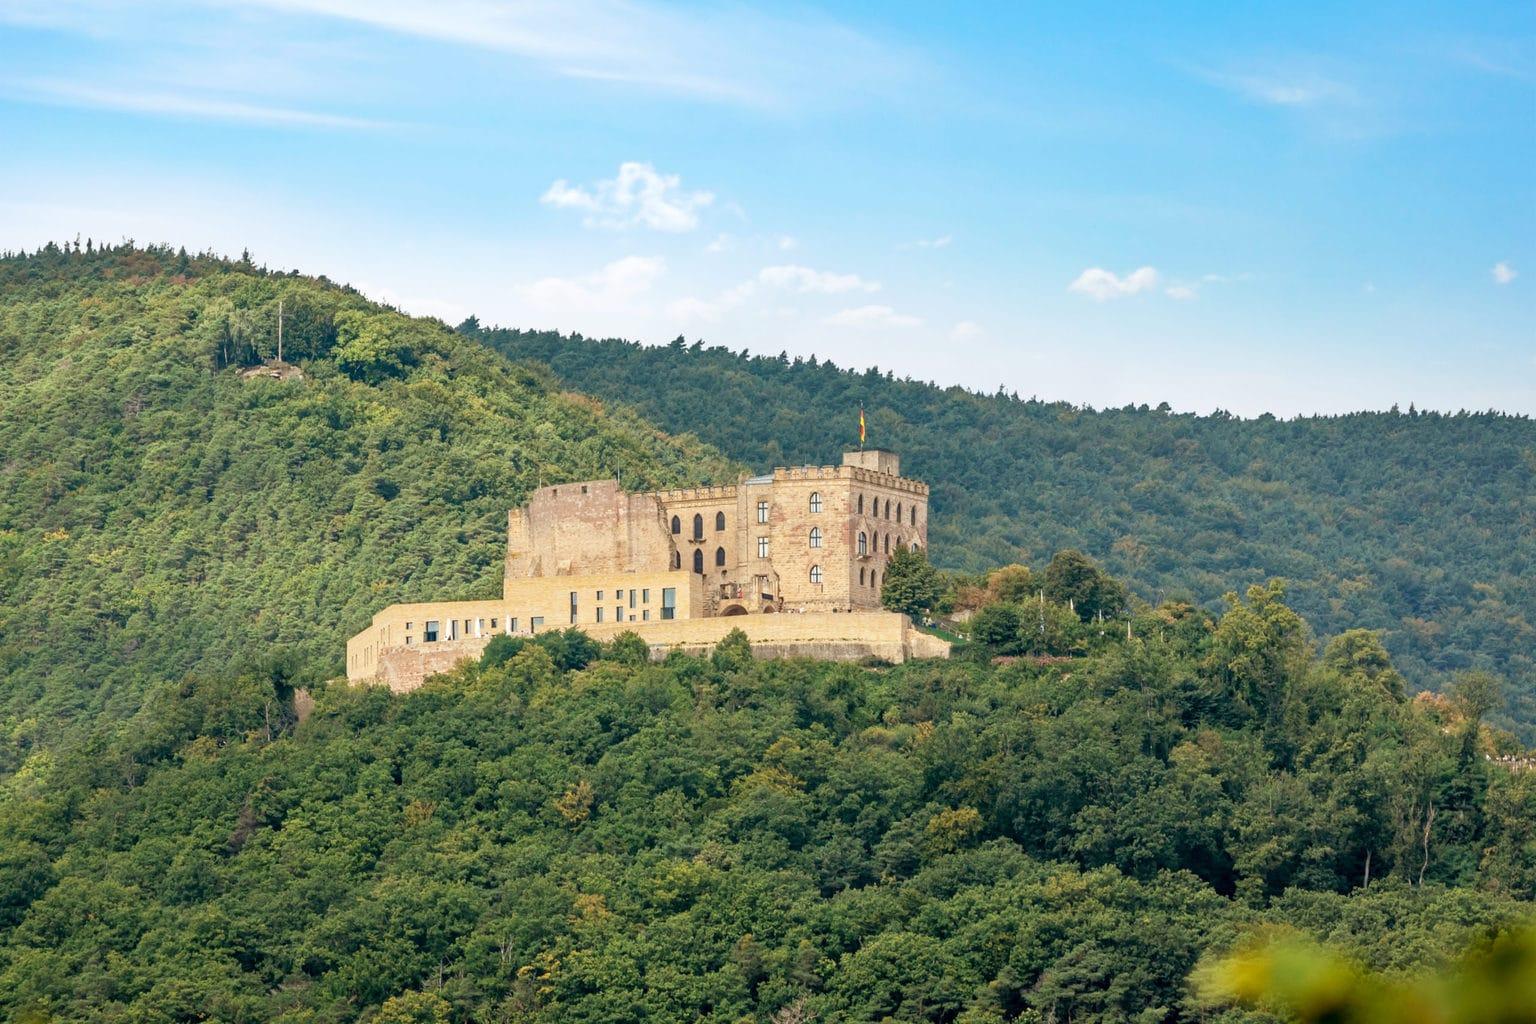 Afhankelijk van je standpunt is het Hambacher Schloss door bossen omgeven